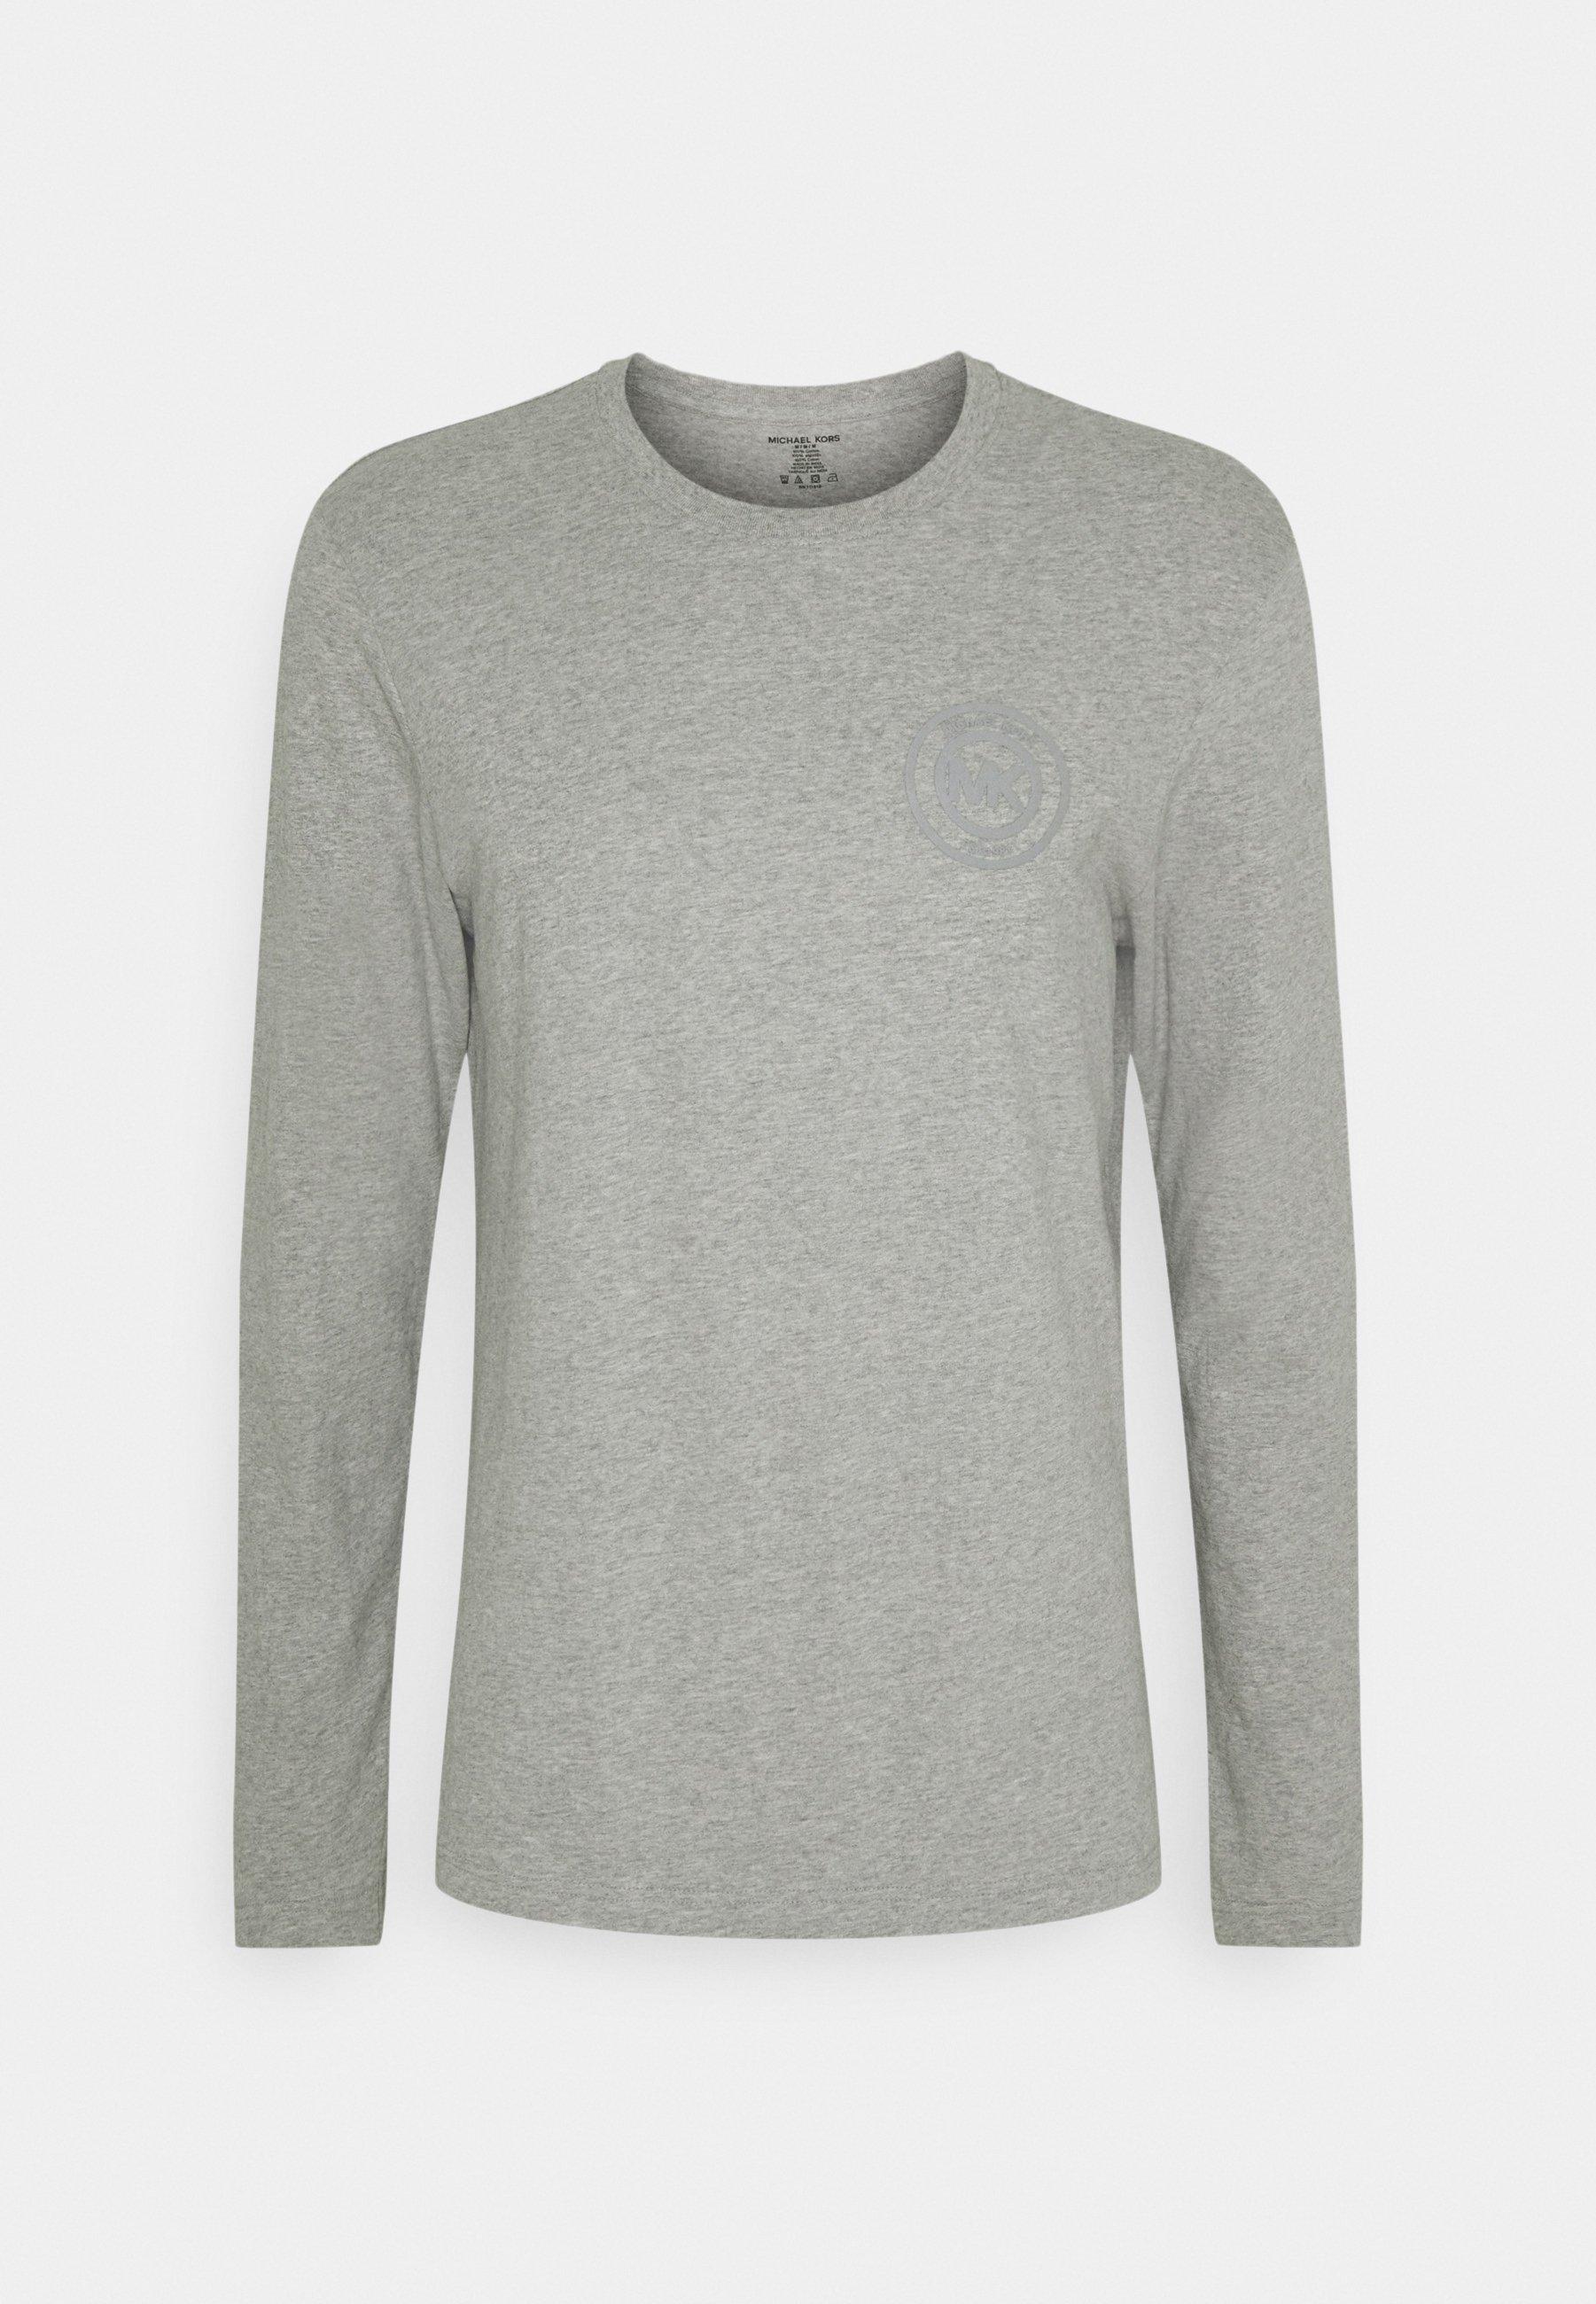 Herren PEACH CREW - Nachtwäsche Shirt